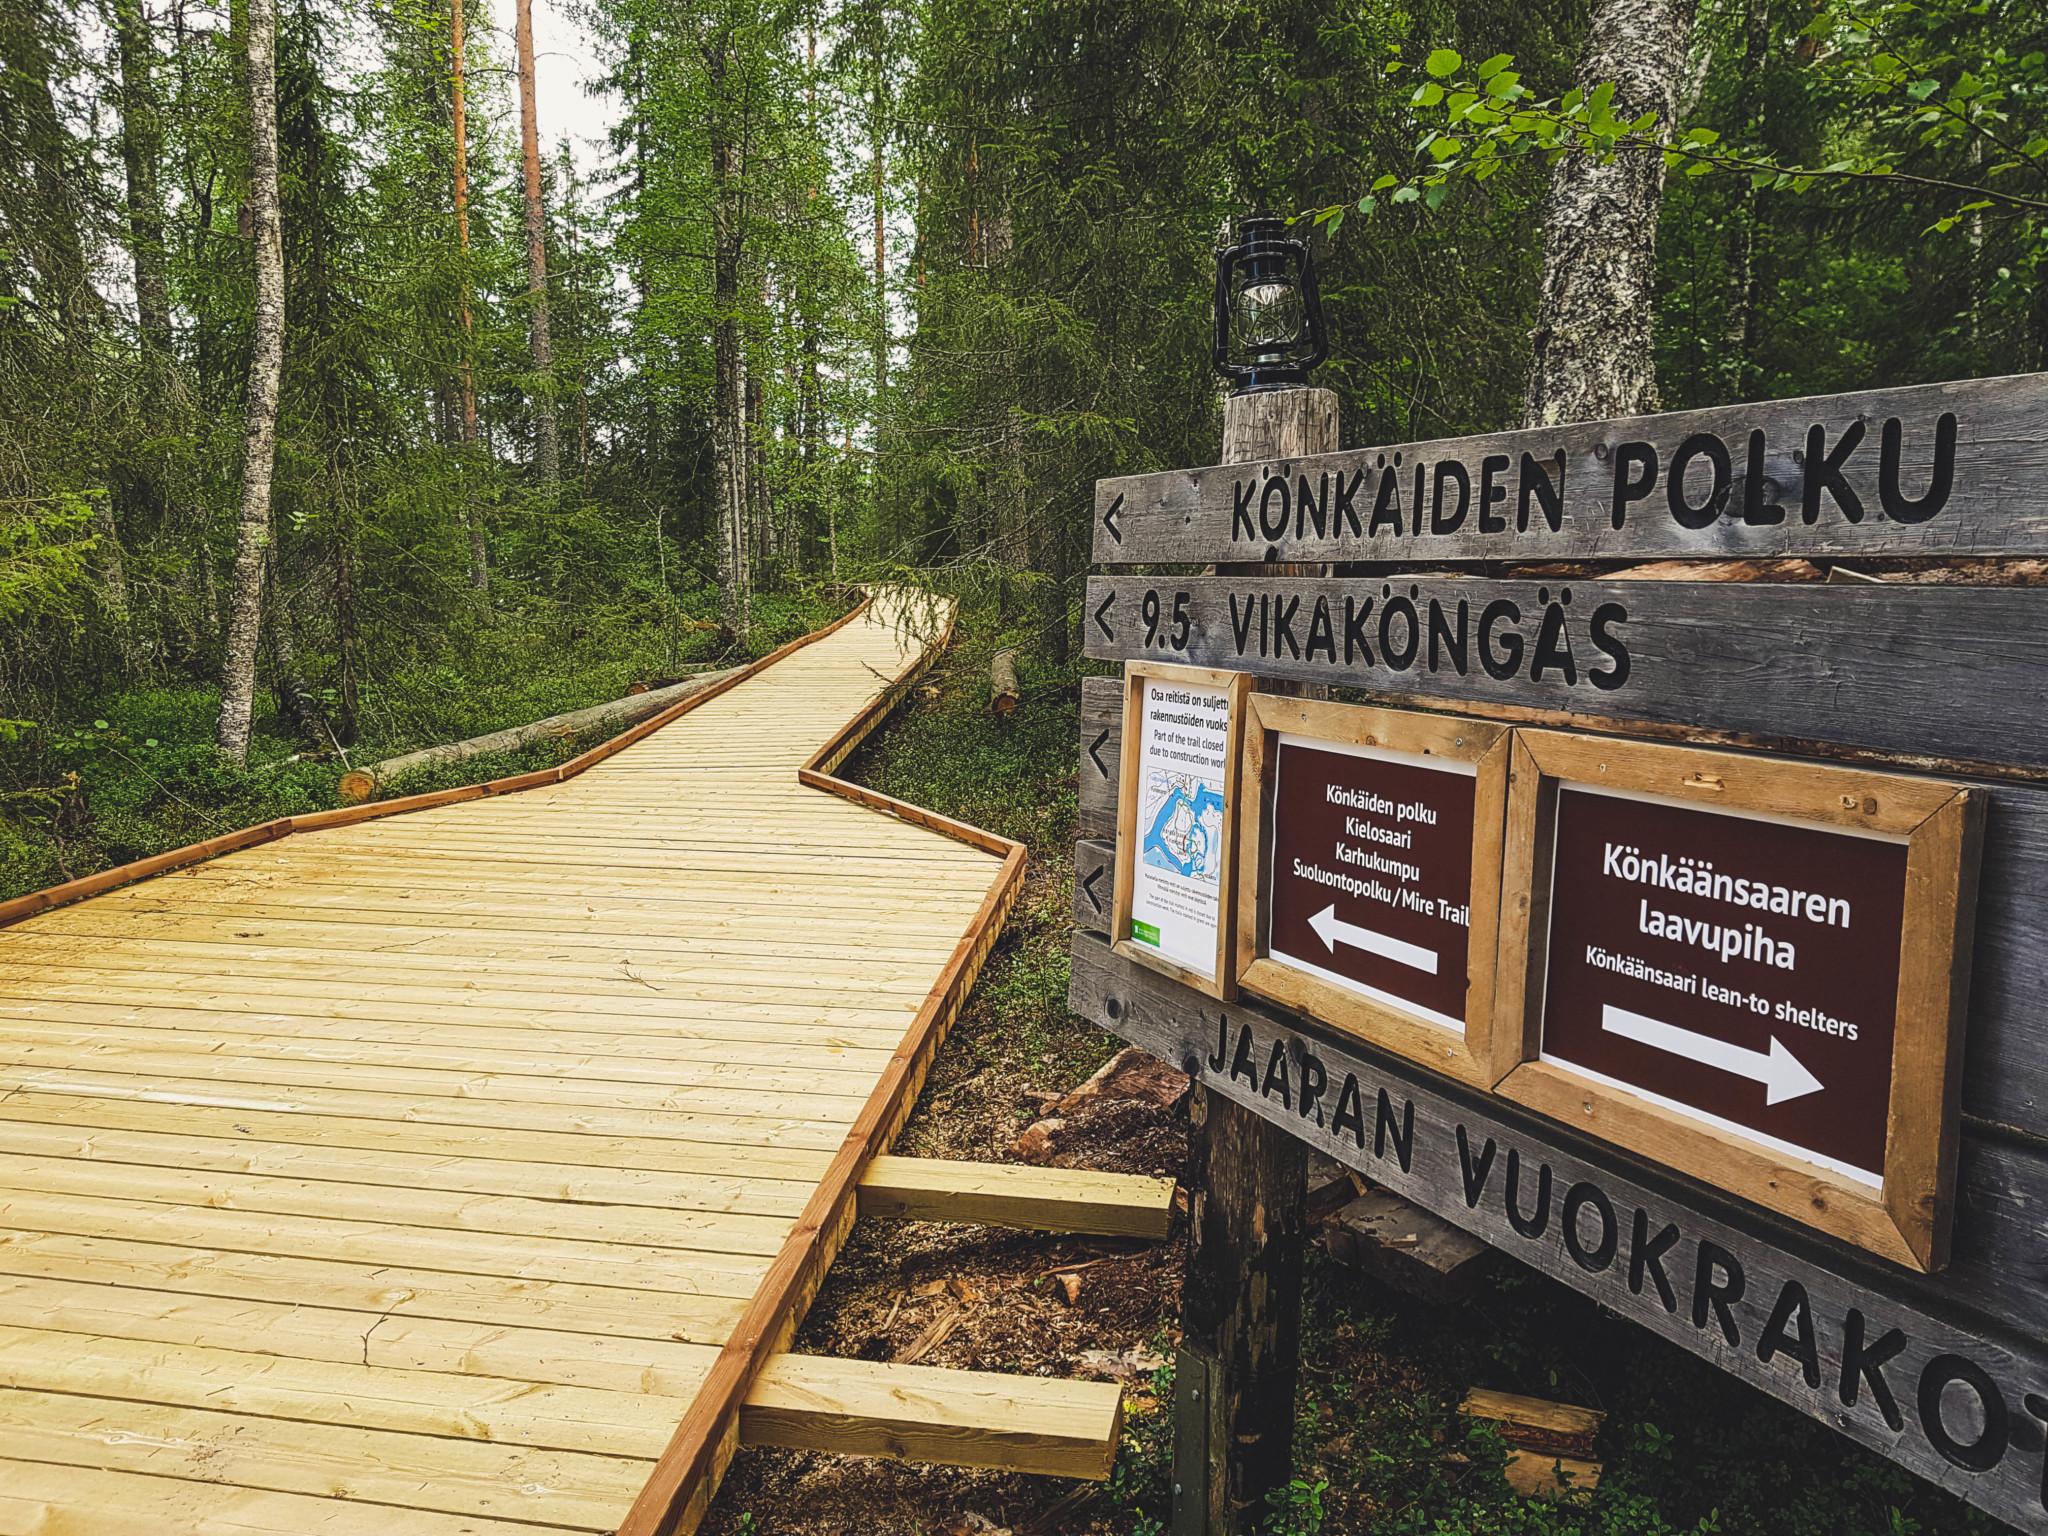 Könkäiden polku Rovaniemi Lapland Finland